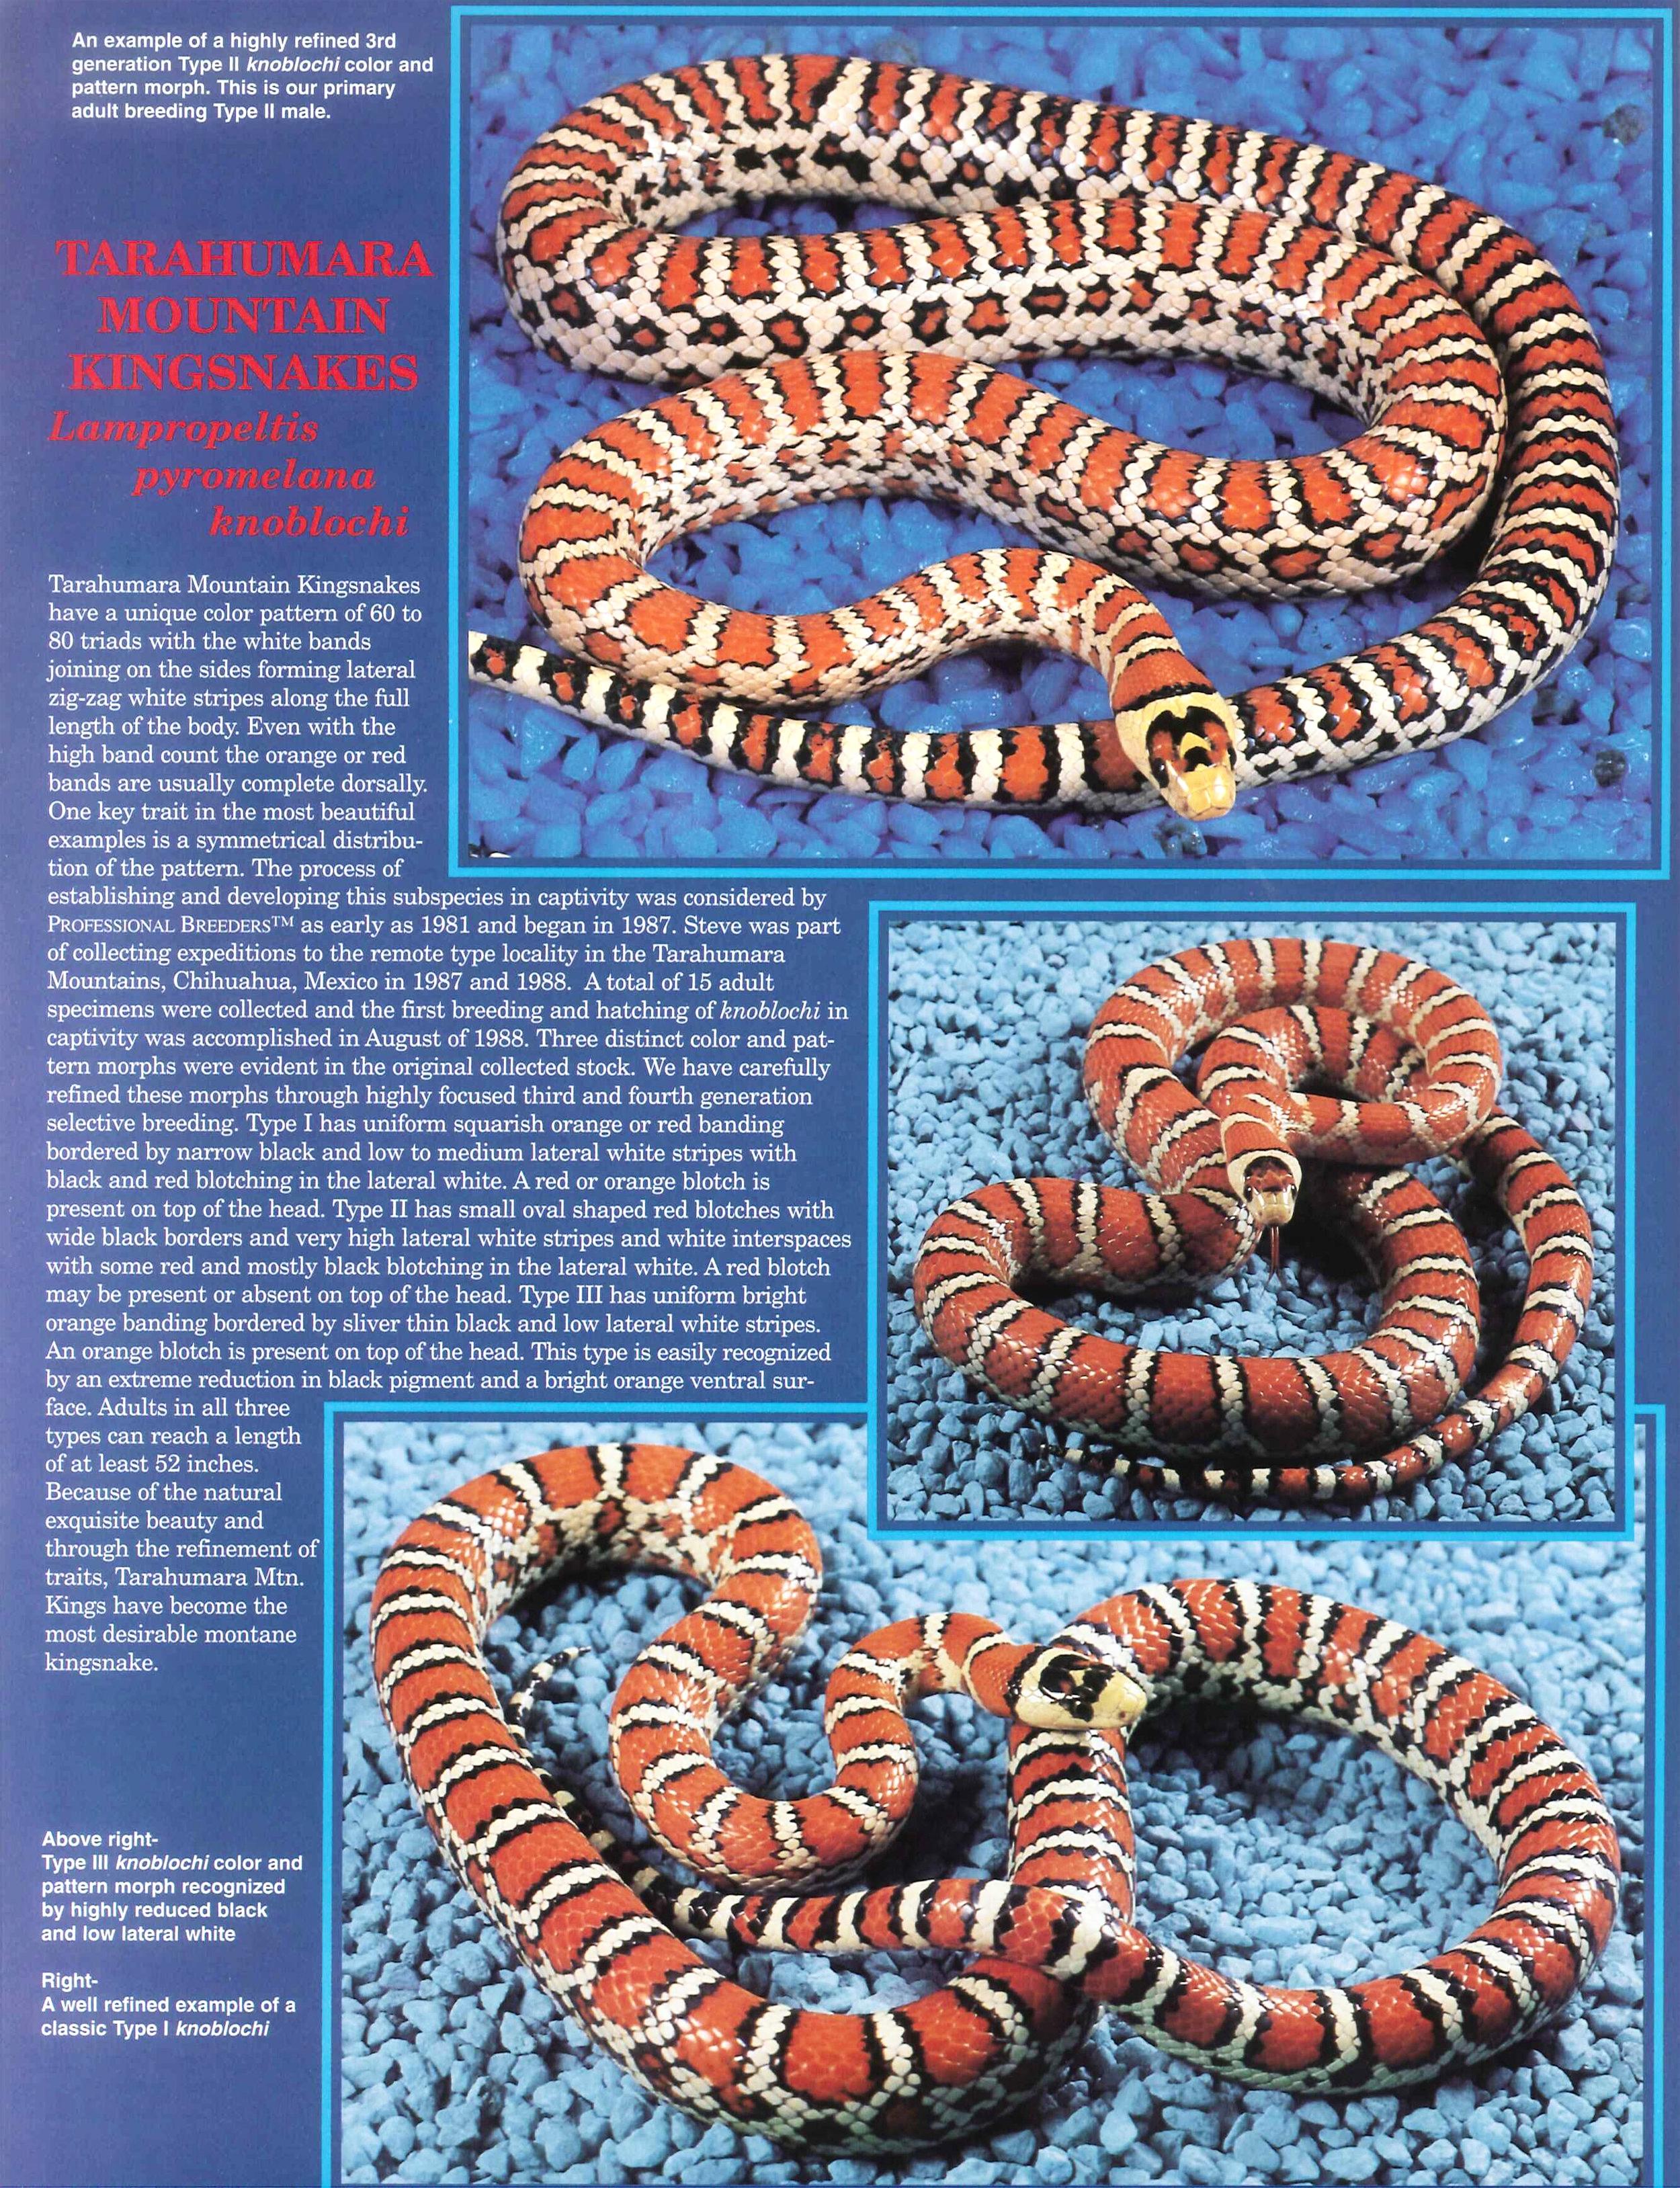 Professional Breeders Brochure_8.jpg